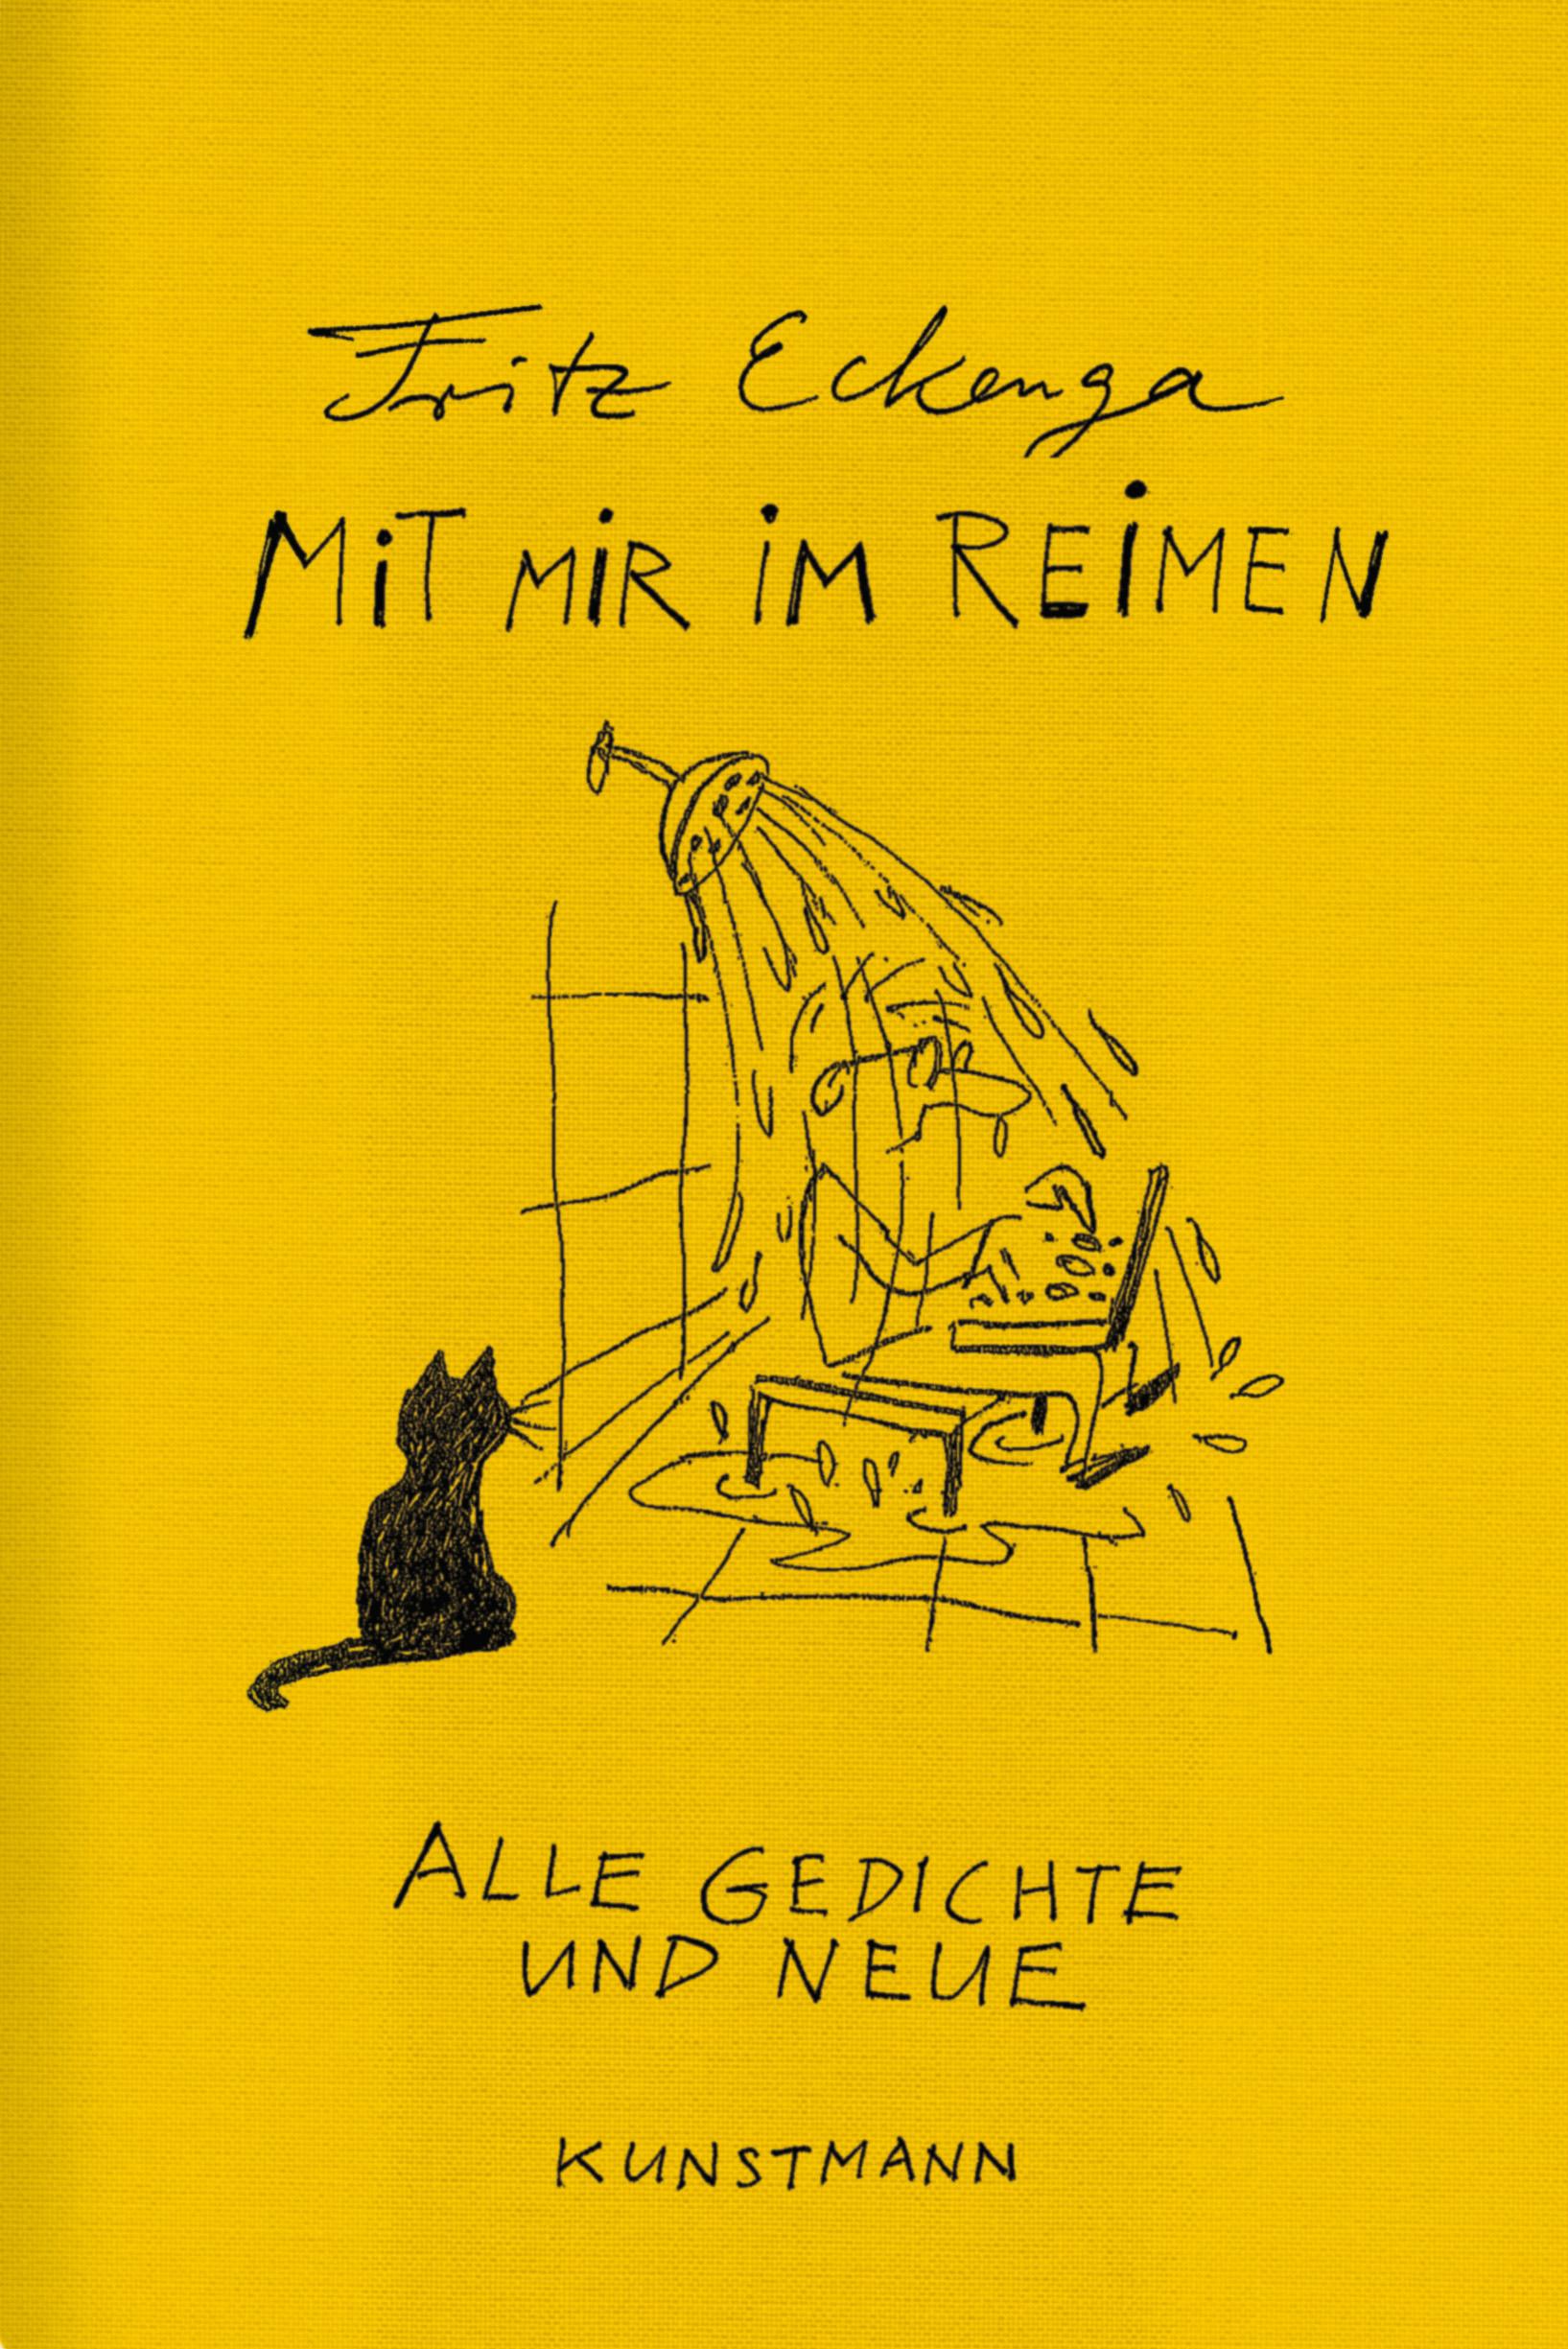 Mit mir im Reimen: Alle Gedichte und neue - Fritz Eckenga [Gebundene Ausgabe]